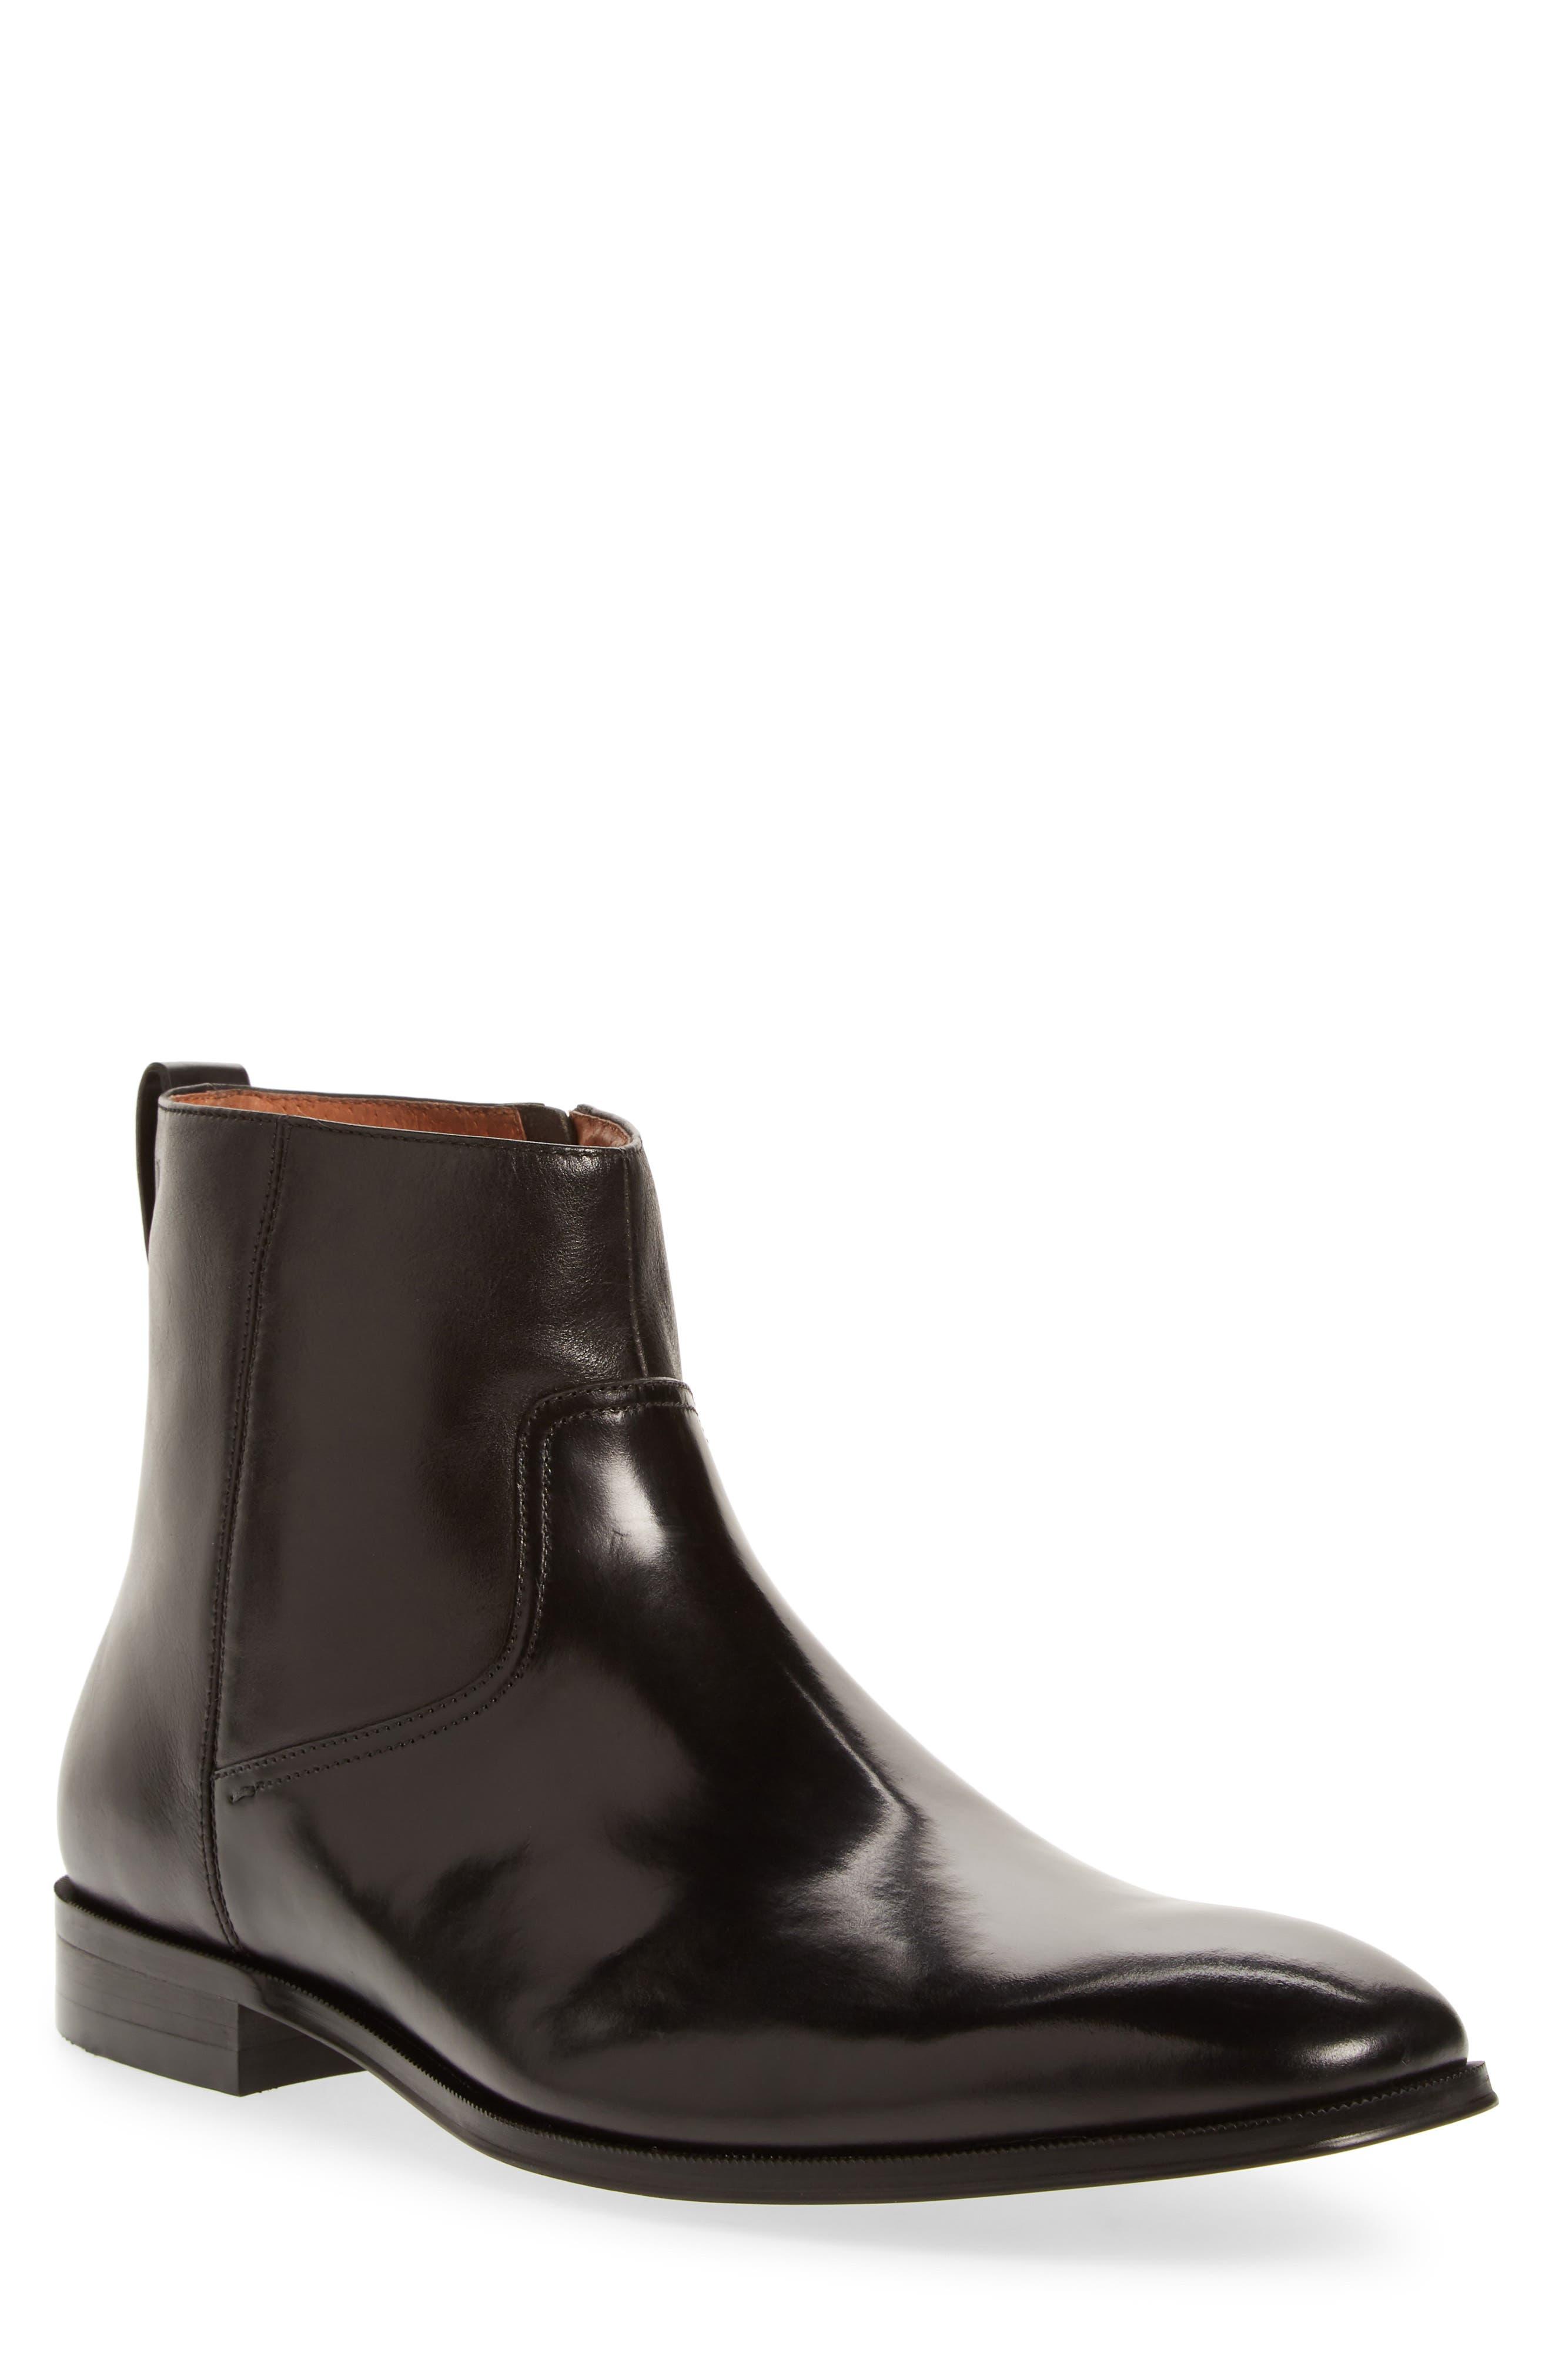 FLORSHEIM Belfast Mid Zip Boot, Main, color, BLACK LEATHER